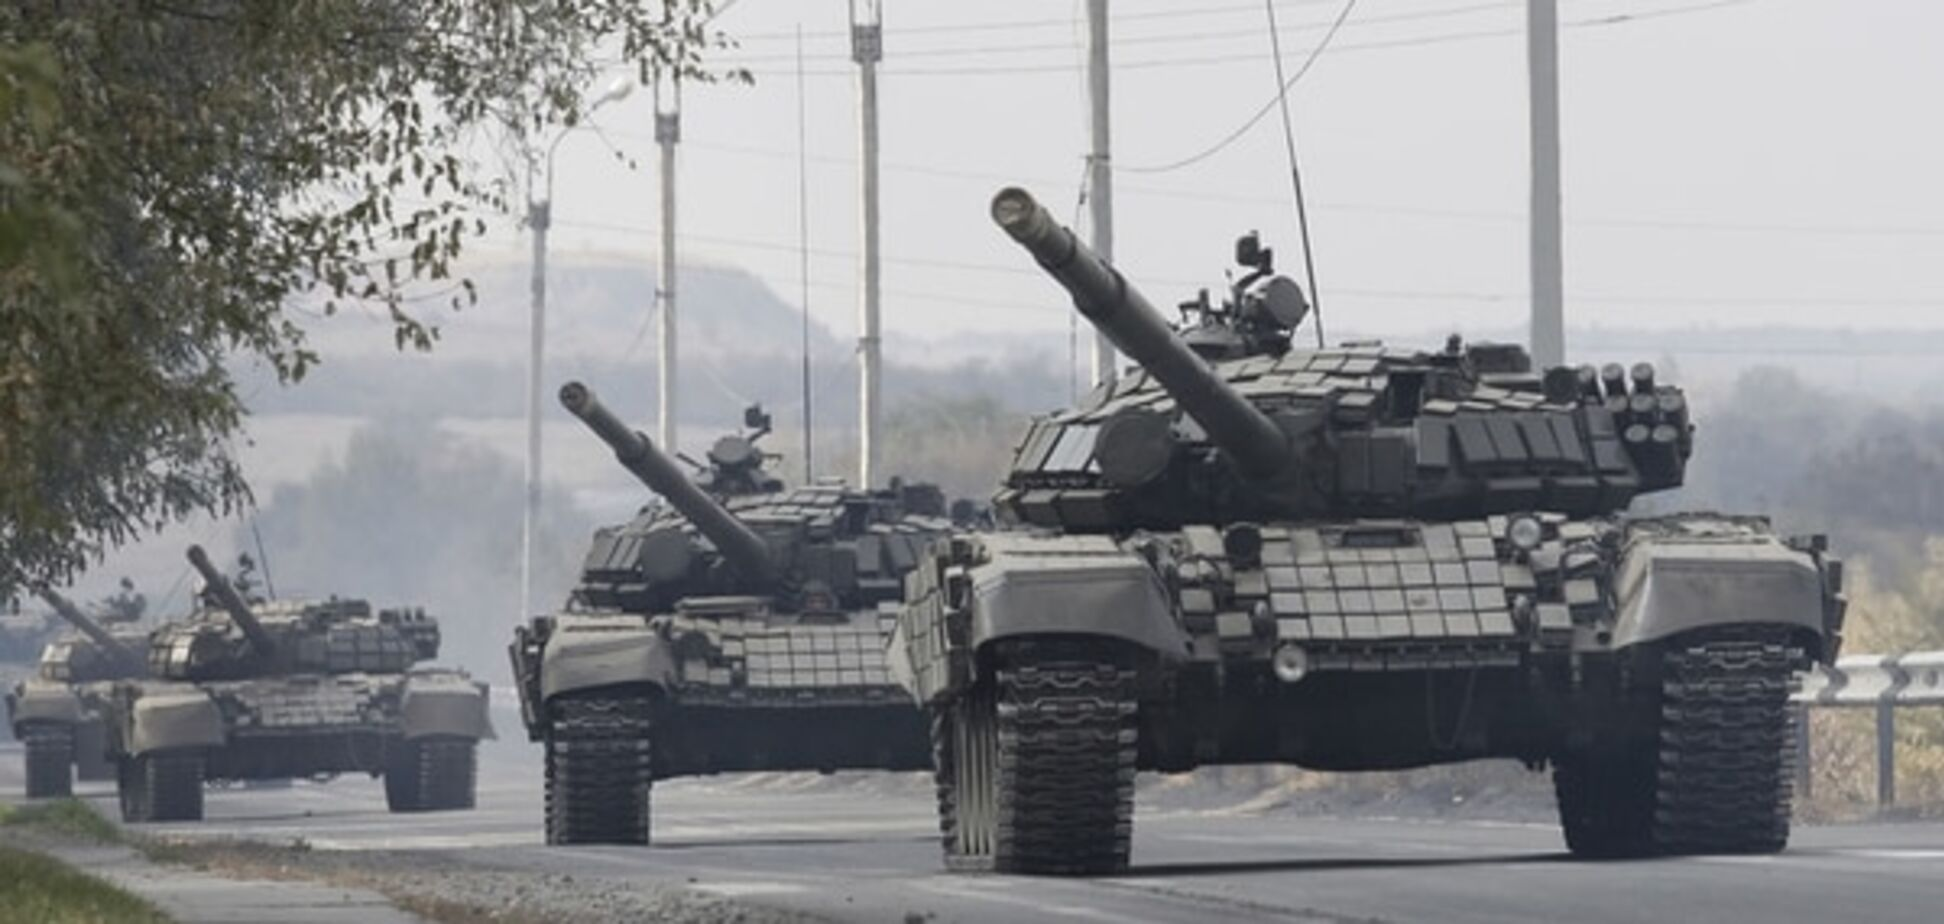 Разведка назвала фамилии военной верхушки России, которая руководит войной на Донбассе: опубликованы фото